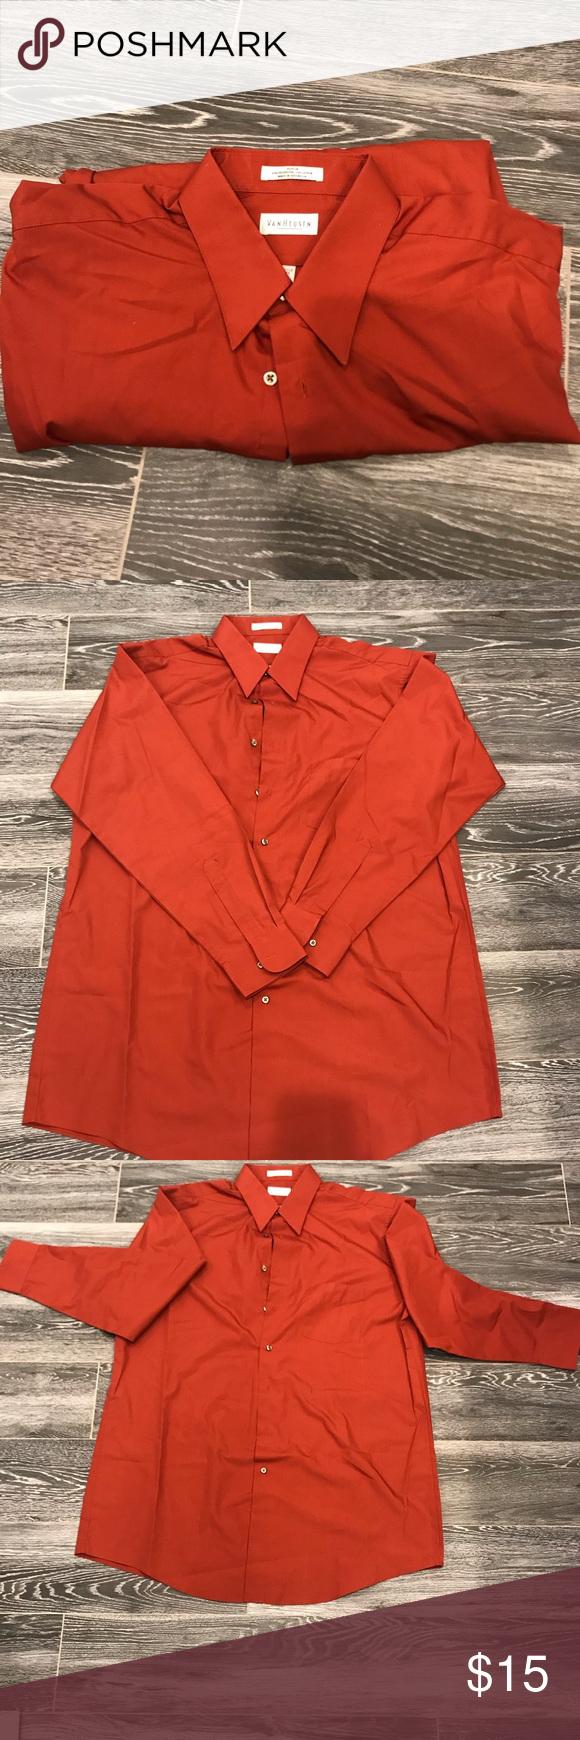 Bundle 2 18 Men S Dress Shirt 171 2 35 36 Tall Shirt Dress Clothes Design Mens Shirt Dress [ 1740 x 580 Pixel ]